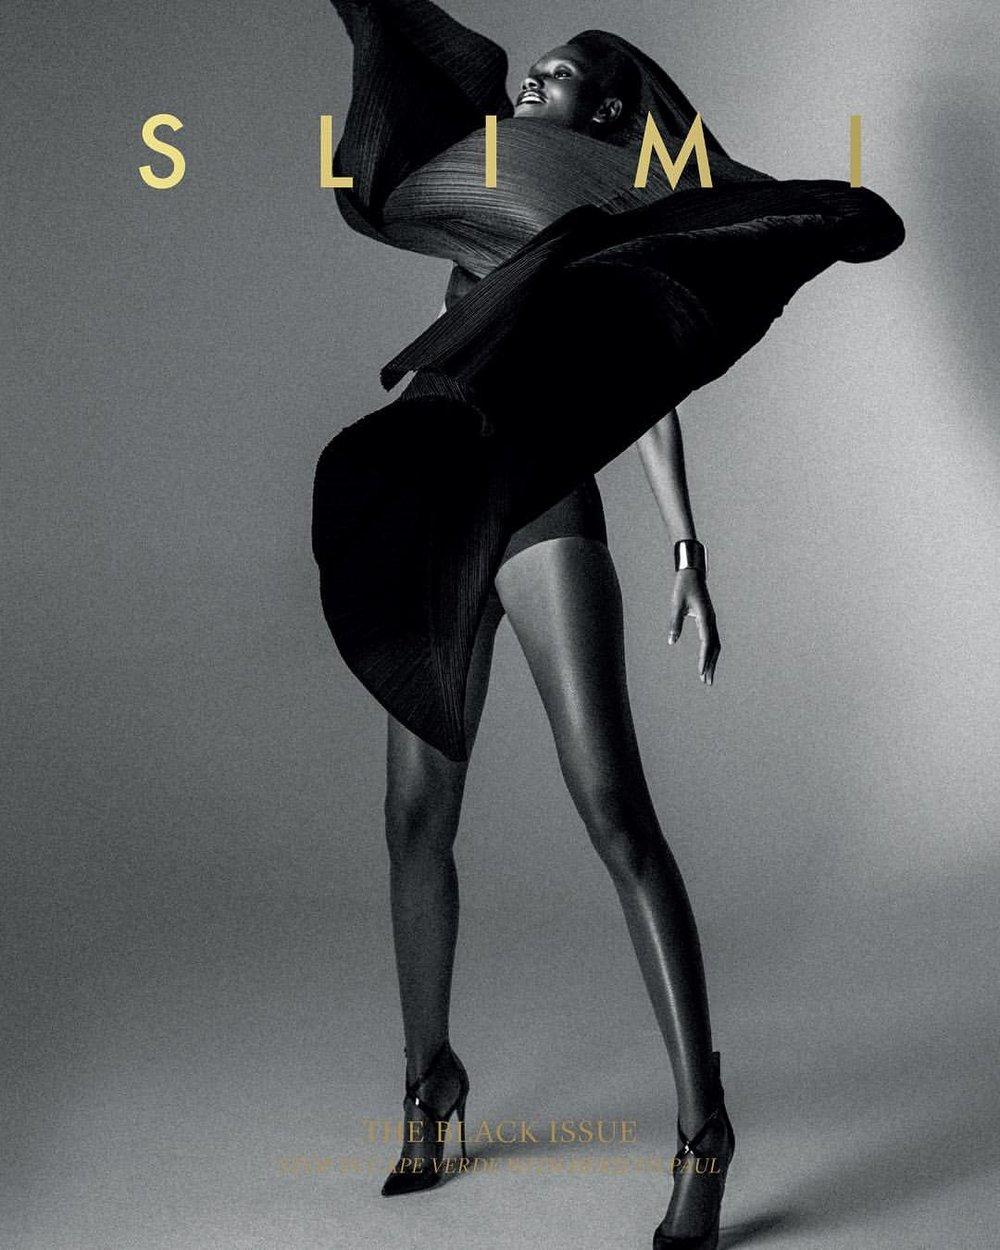 Slimi_Cover.jpg